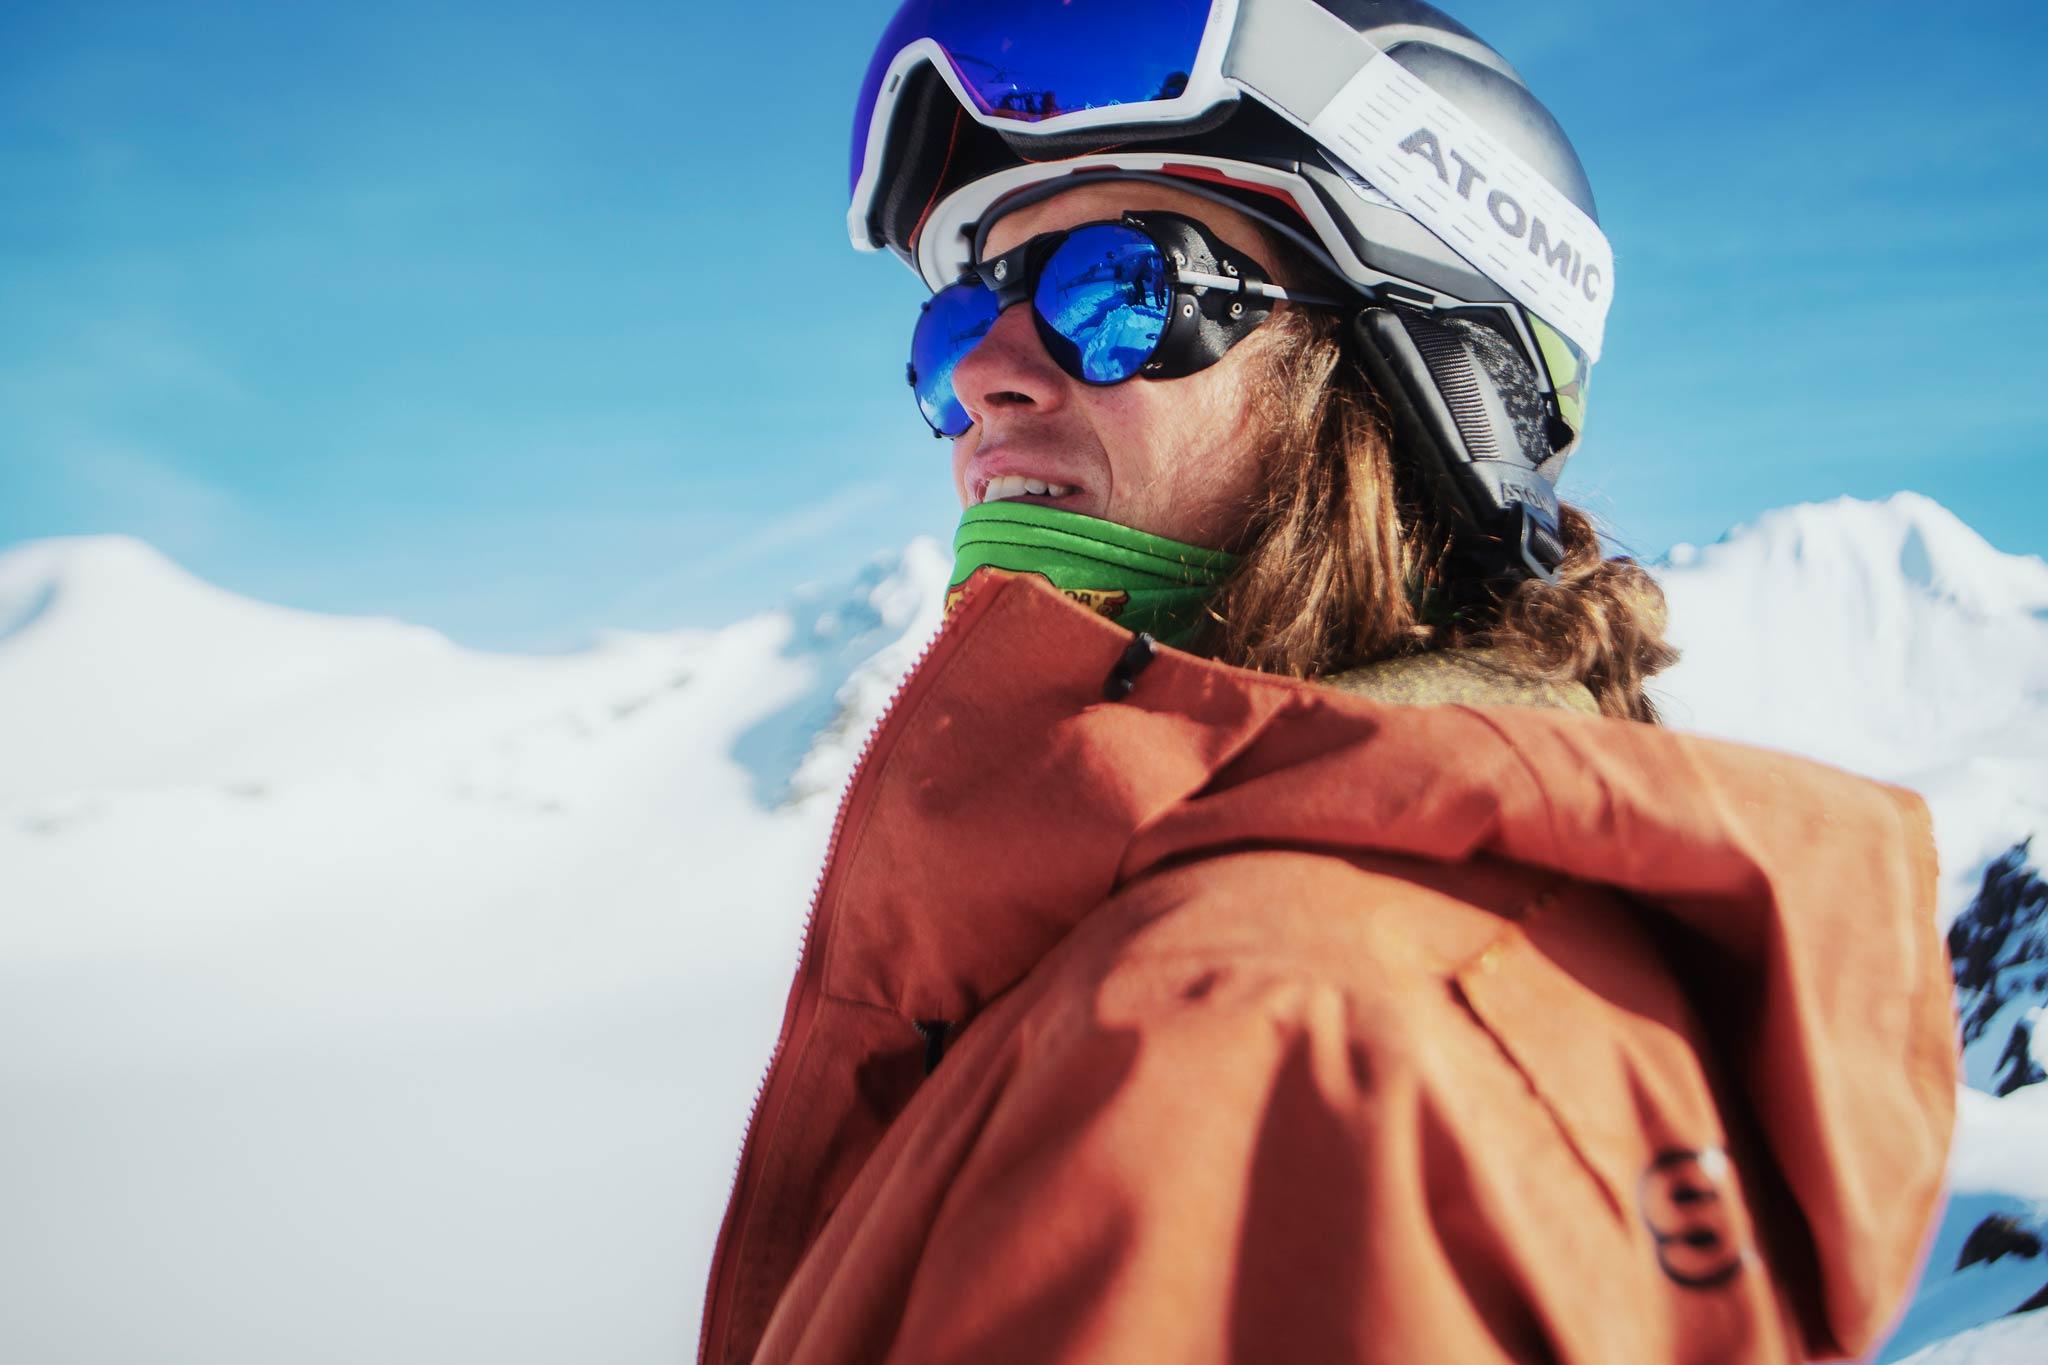 Freeskier Tim Durtschi ist dank einer Wildcard bei der Freeride World Tour 2020 mit am Start und macht das Feld dadurch noch einmal deutlich spannender! - Foto: freerideworldtour.com / Nic Alegre